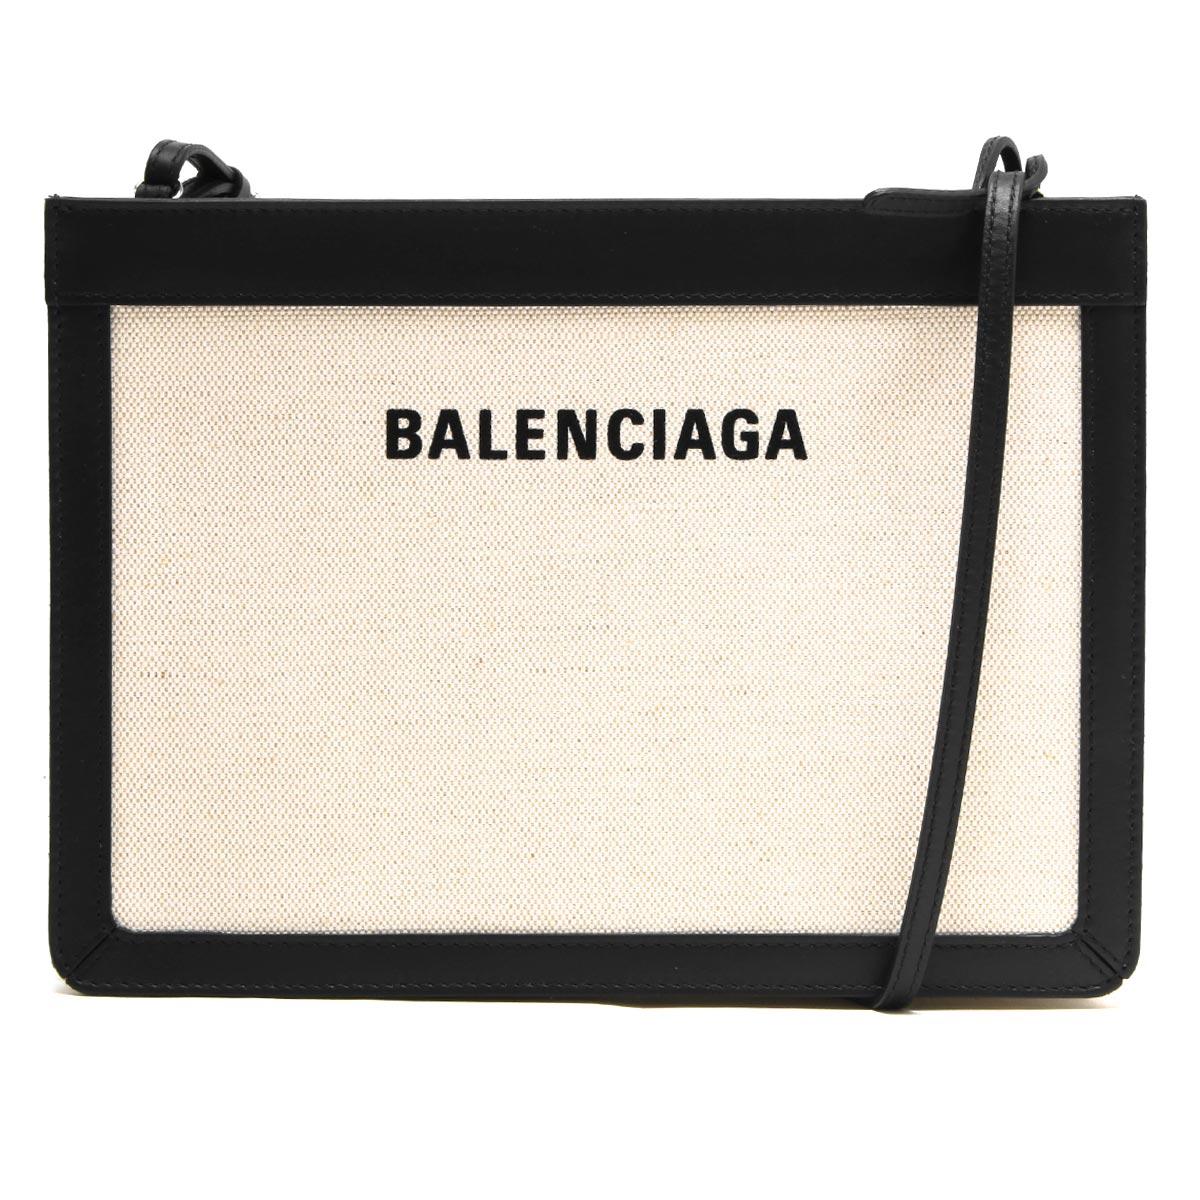 バレンシアガ ショルダーバッグ バッグ レディース ネイビーポシェット ナチュラル&ブラック 339937 AQ37N 1080 BALENCIAGA